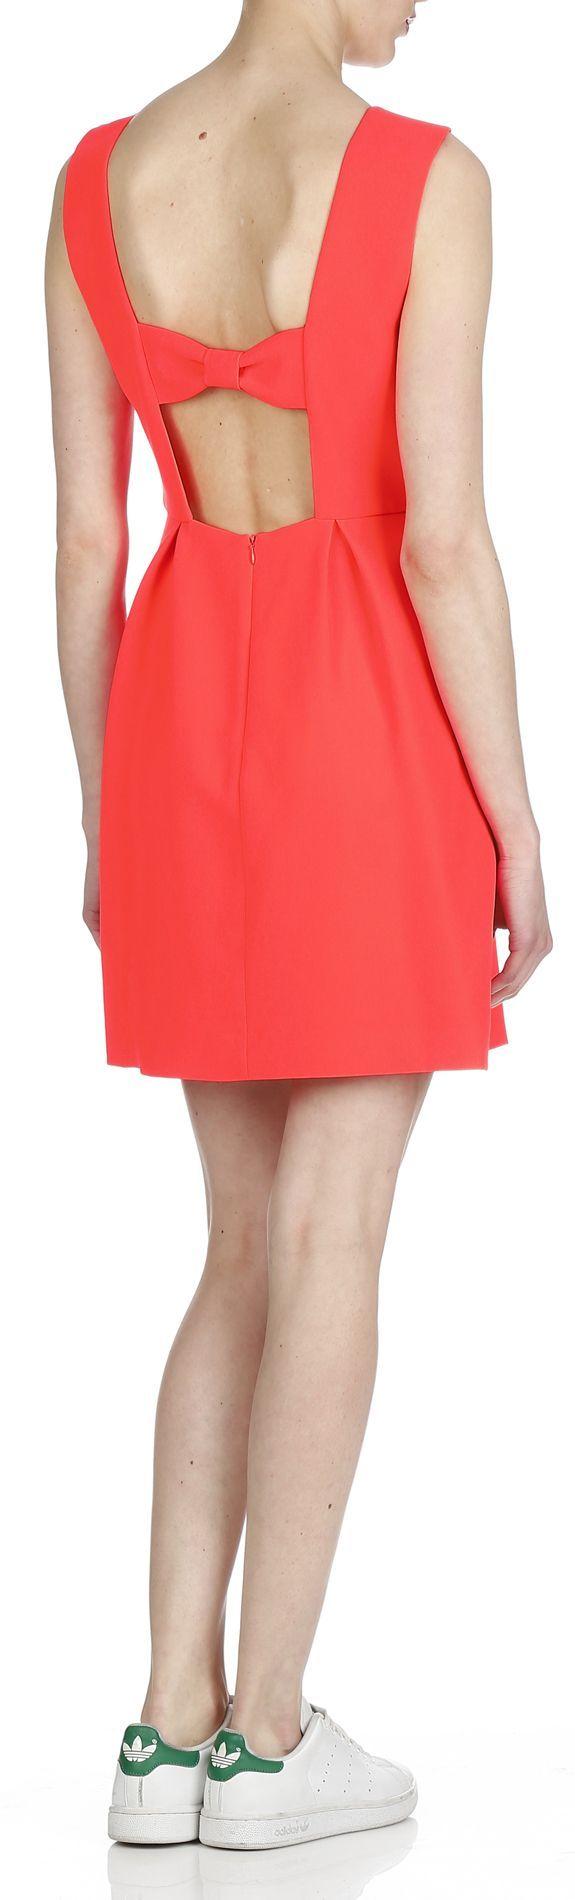 Robes de soirée tendance: Robyne Robe dos nu orange de CLAUDIE PIERLOT